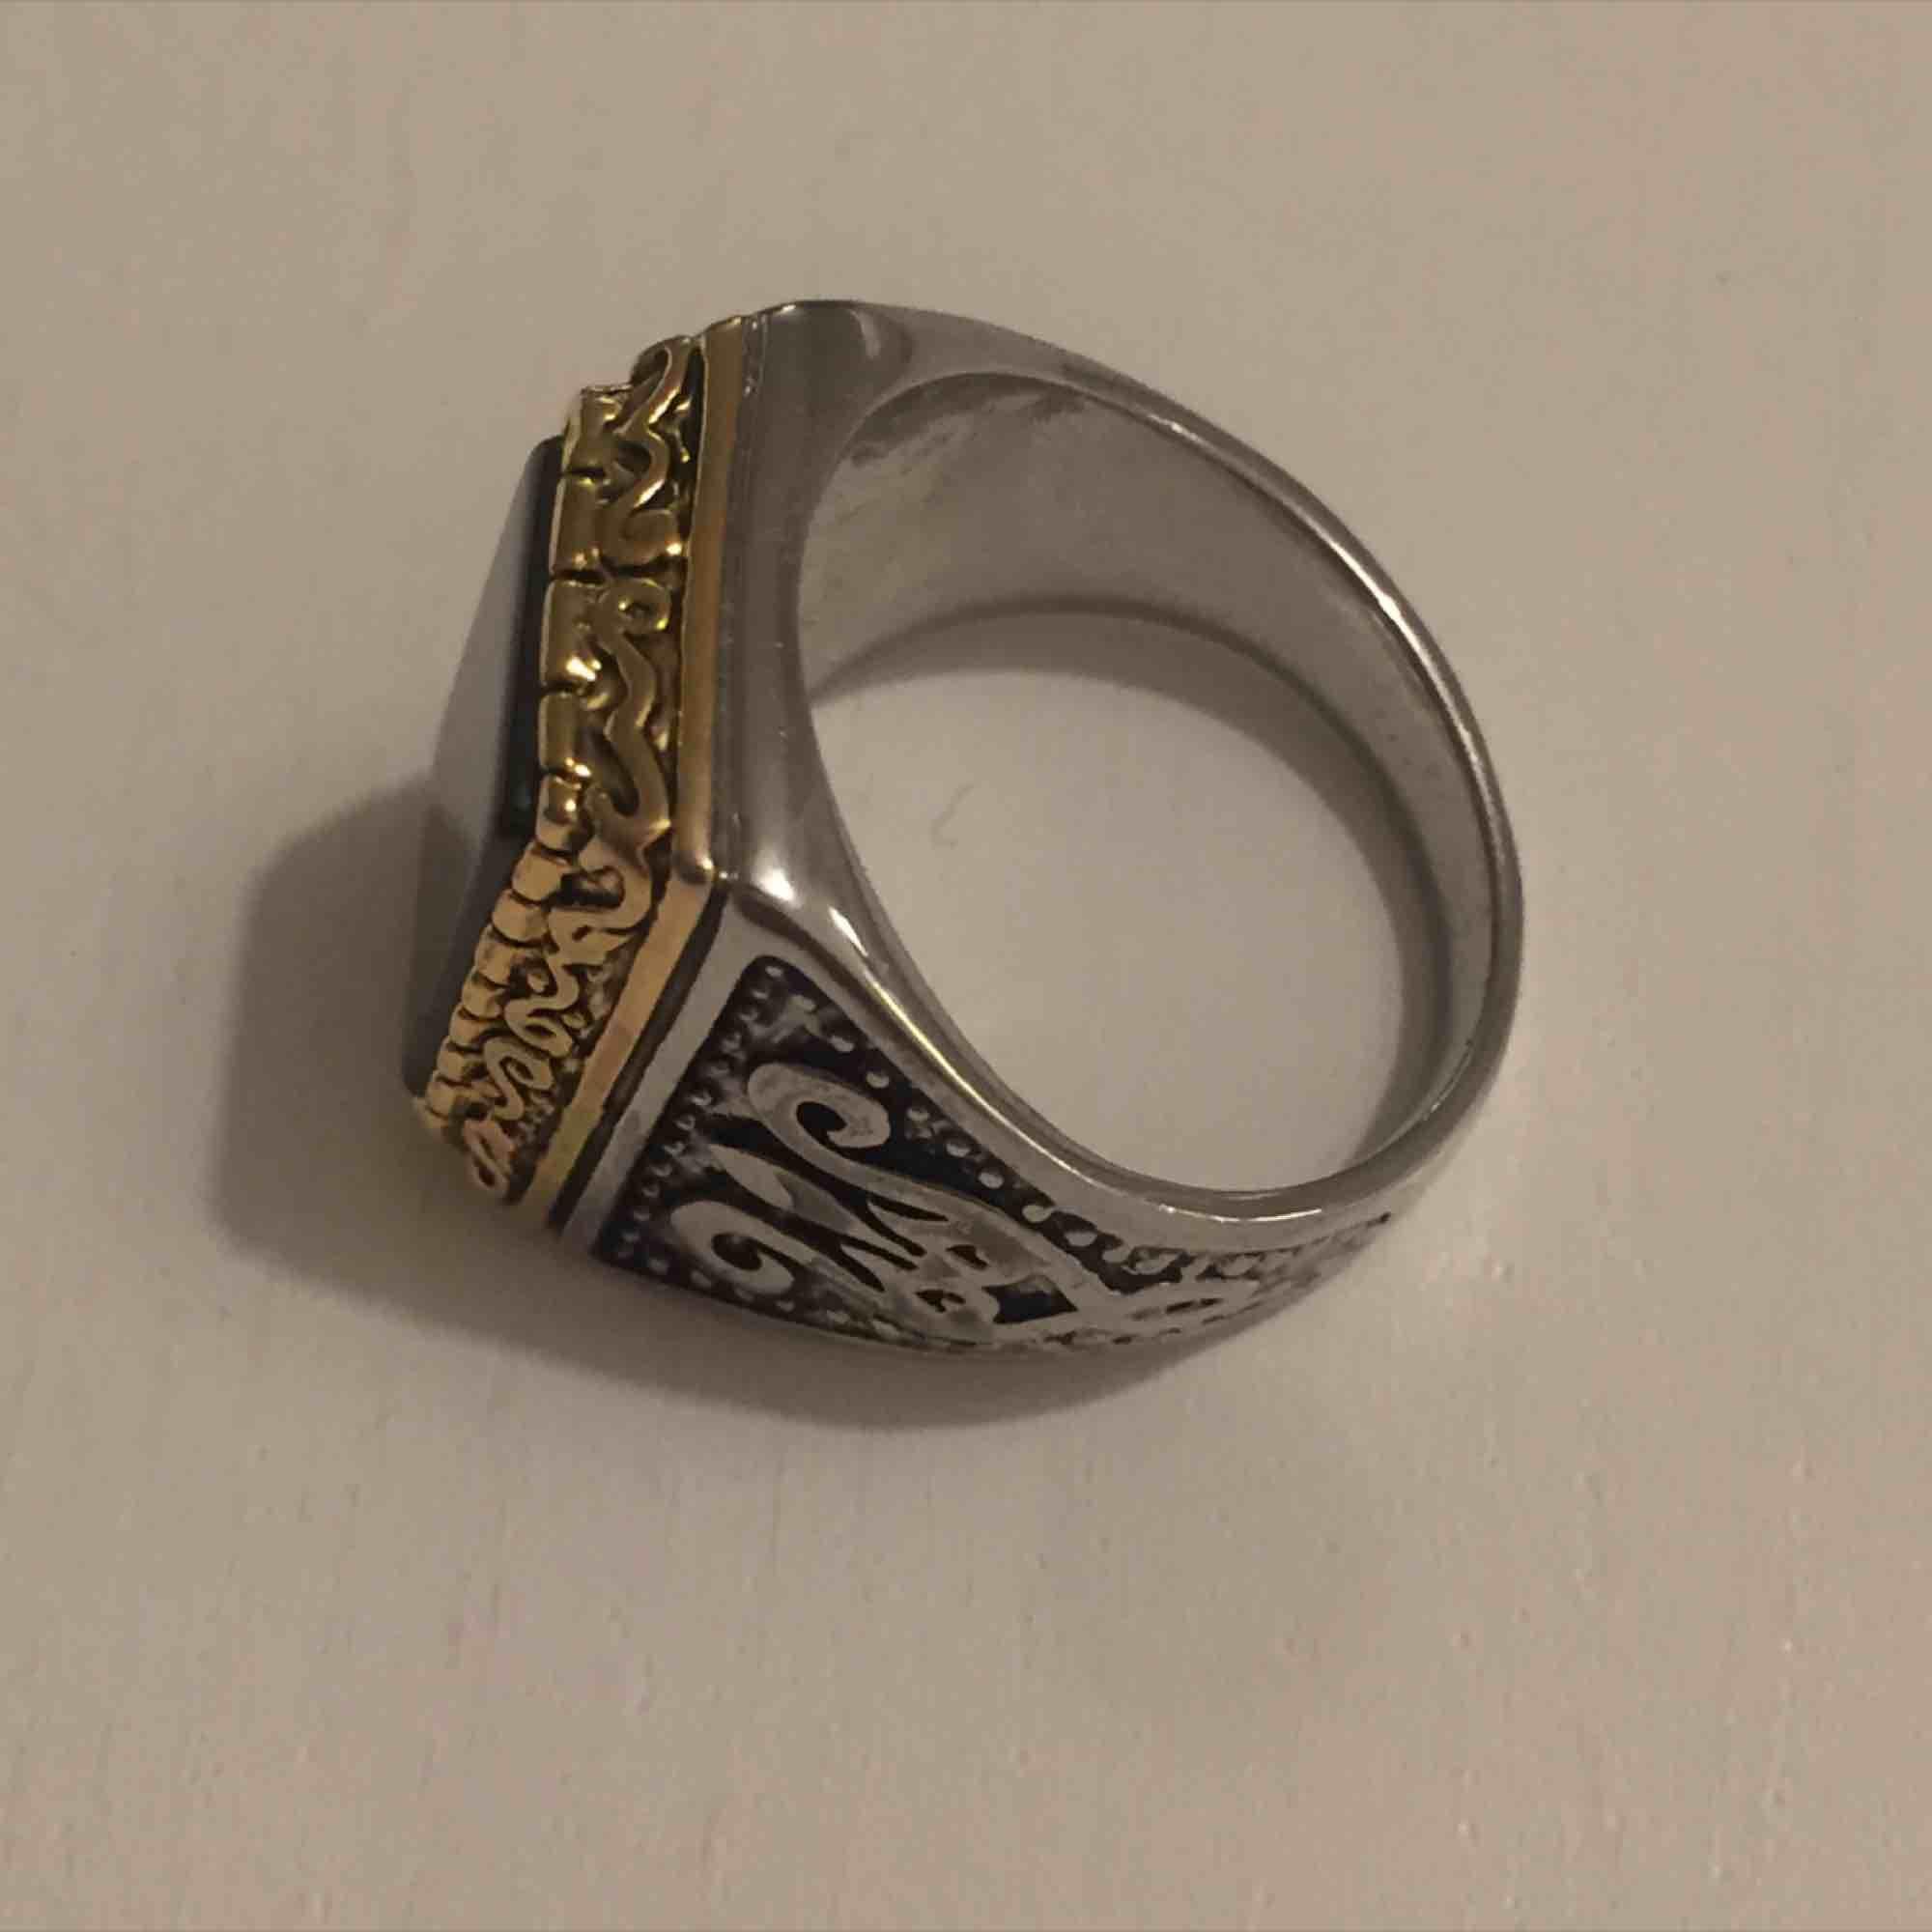 Guld och silver plackerad ring som tyvärr är för liten för mig. Verkligen one of a kind då den är egen gjord! Kan mötas i Sthlm eller skicka (köparen står för frakt). Accessoarer.